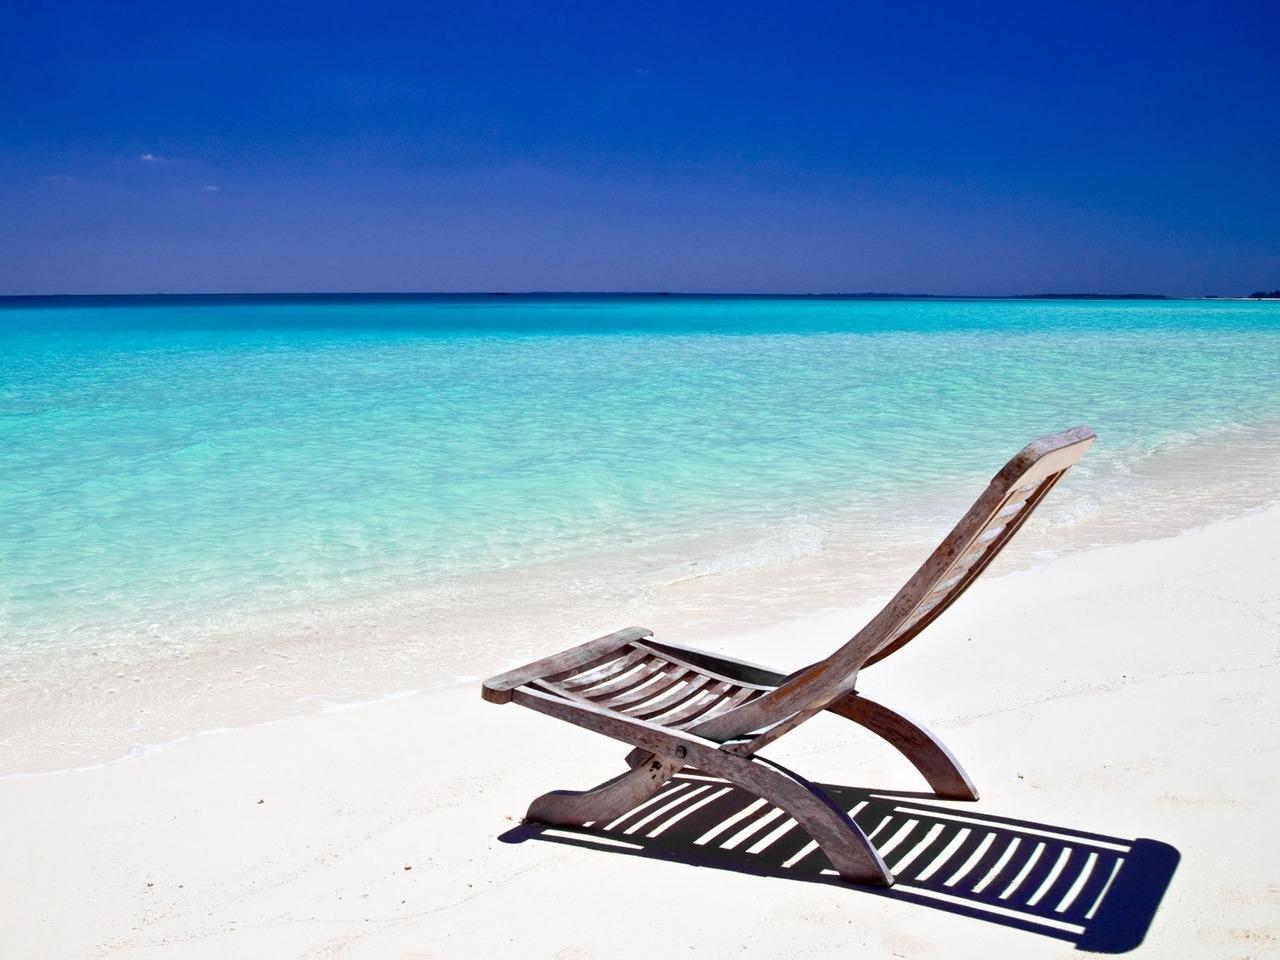 42956 скачать обои Пляж, Пейзаж, Море - заставки и картинки бесплатно